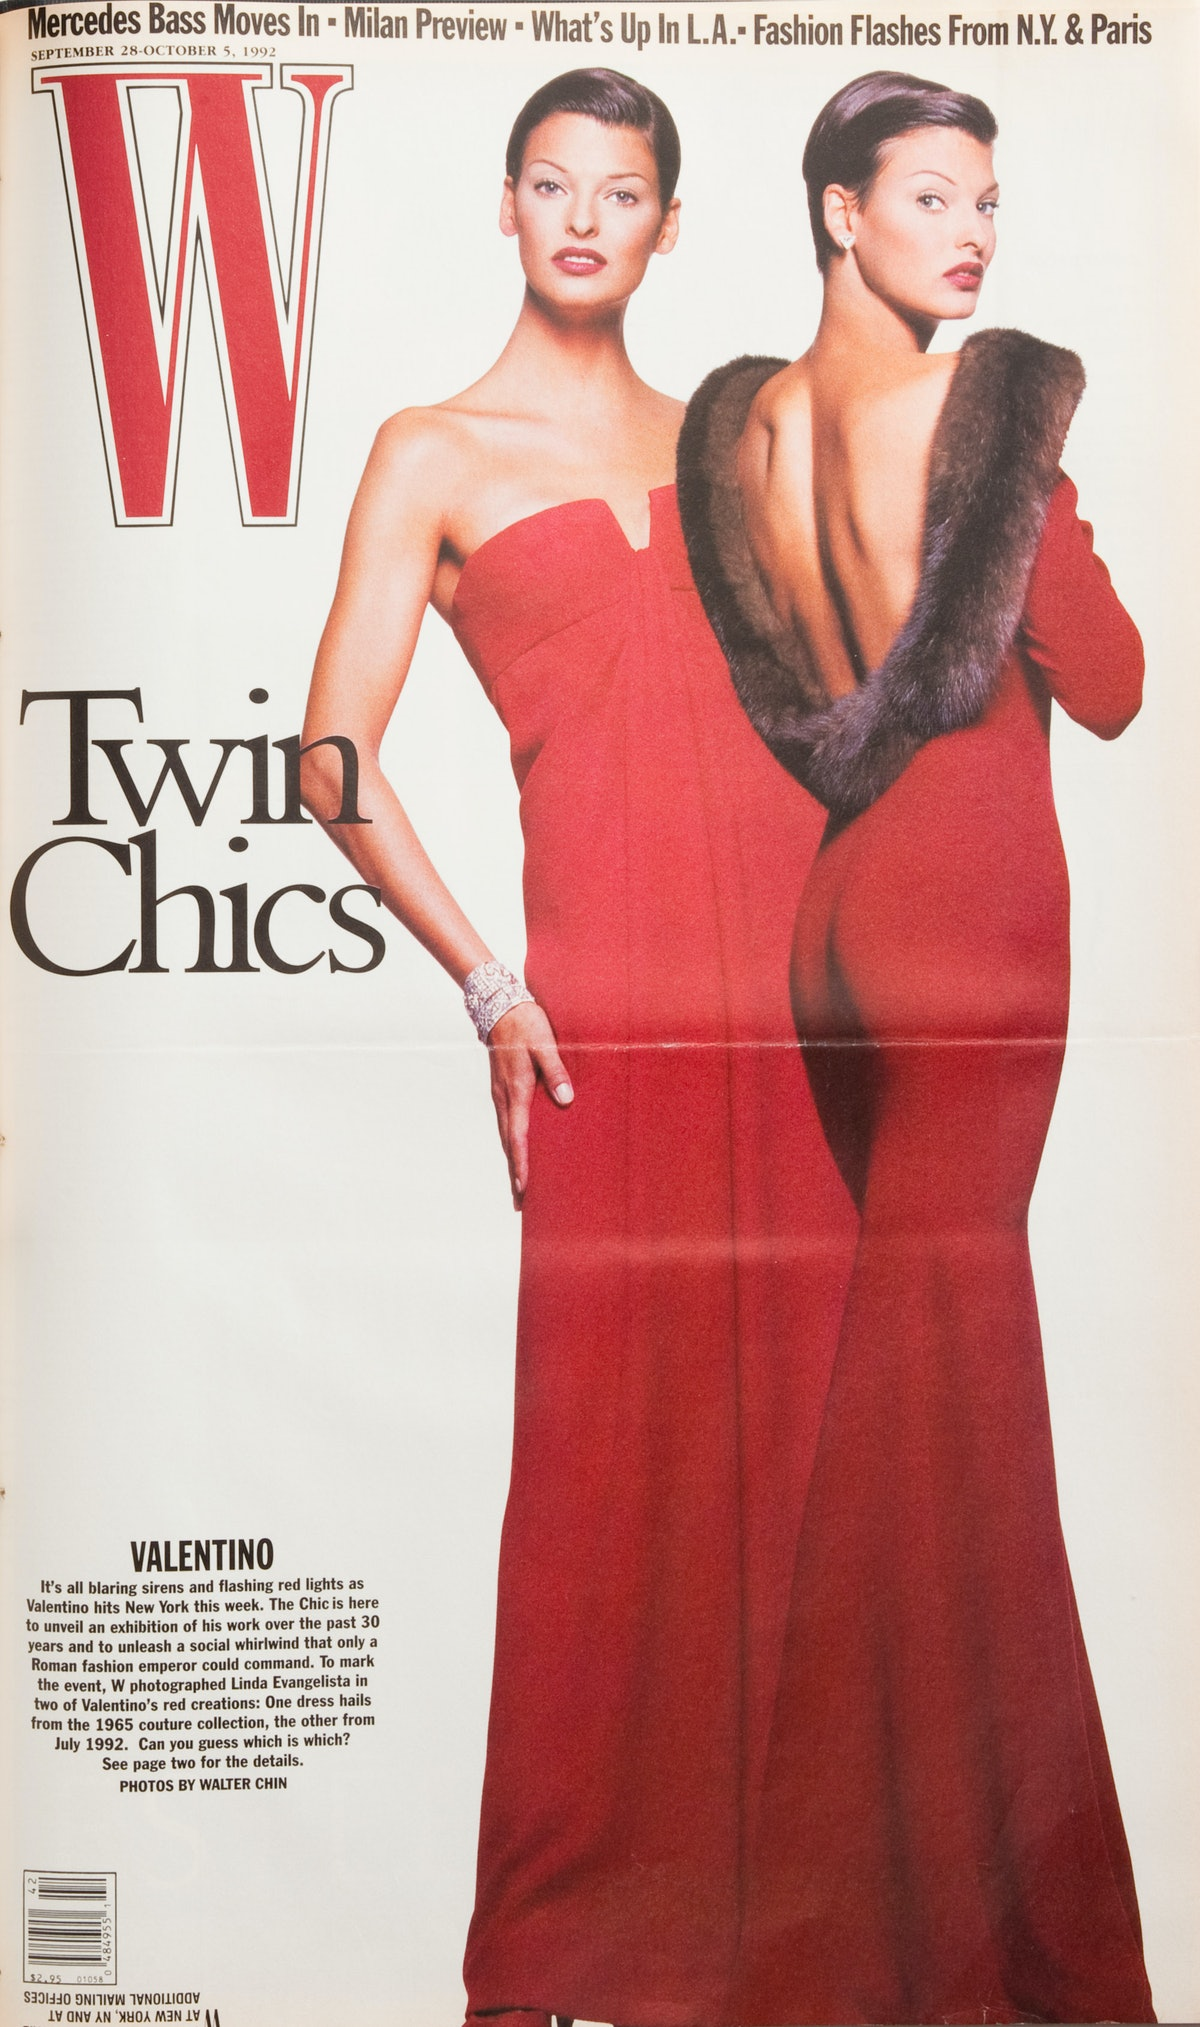 W magazine